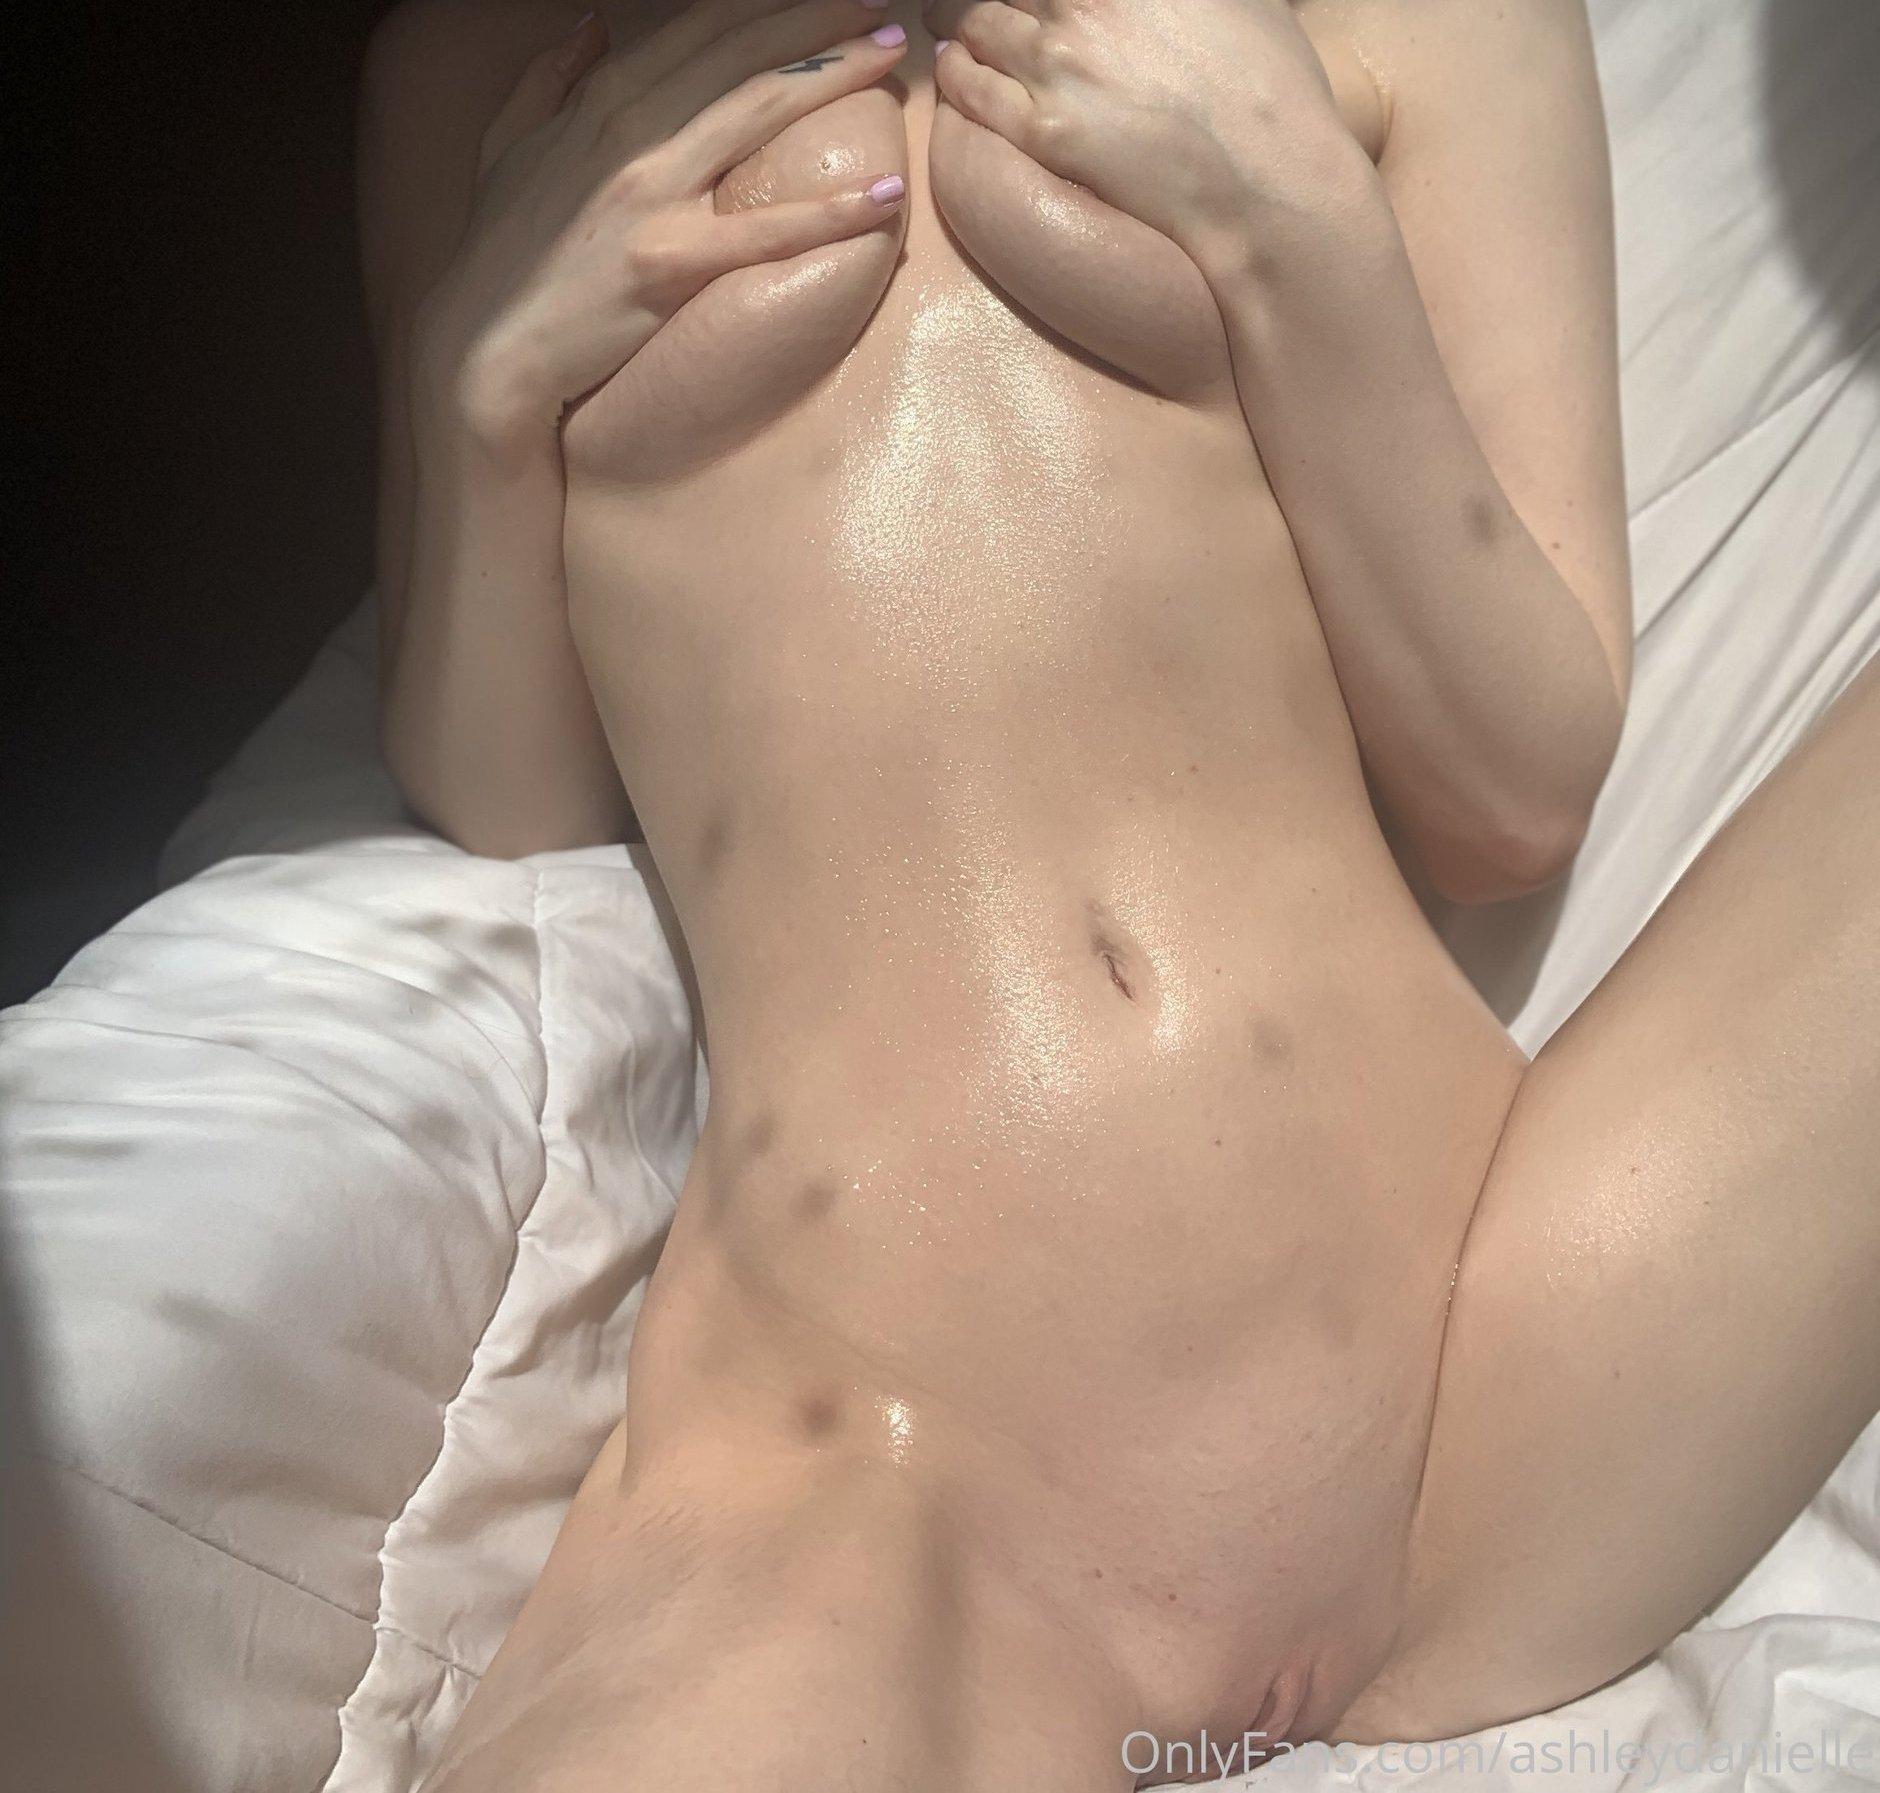 Ashley Danielle Ashleydaniellexox Onlyfans Nude Leaks 0037